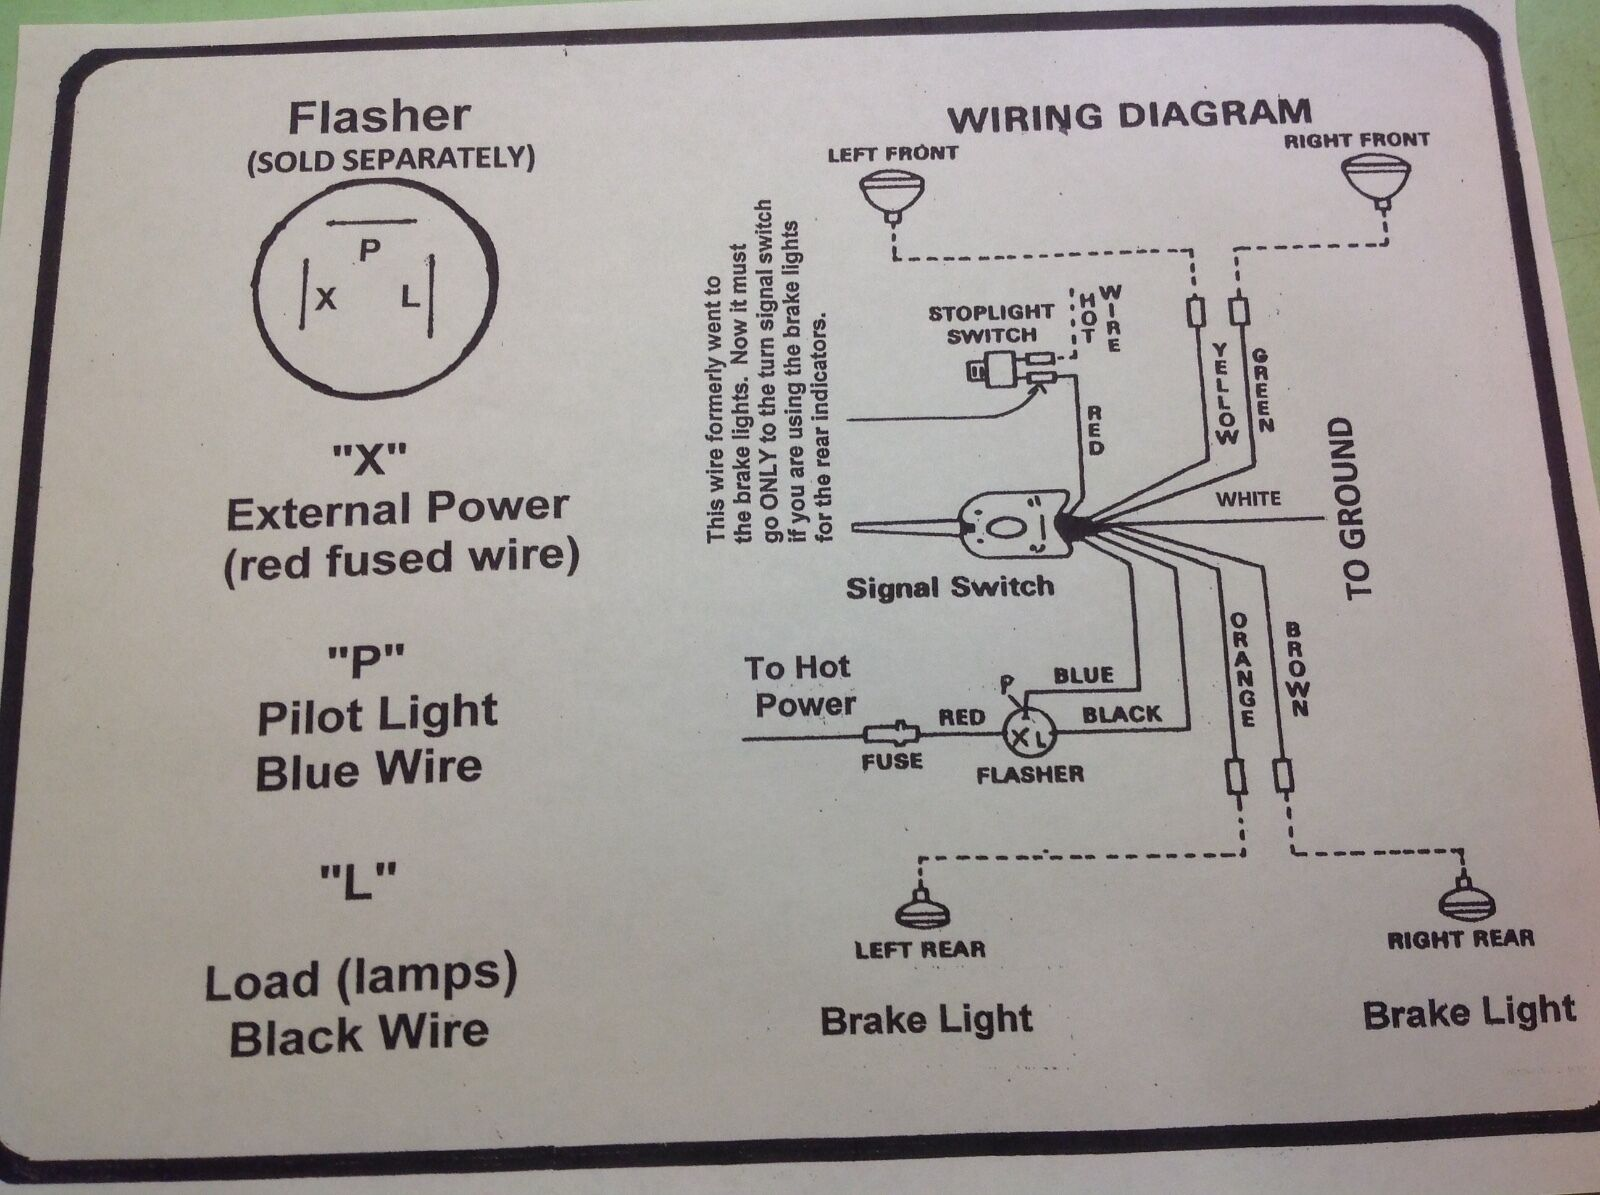 Cec Flasher Wiring Diagram Bookmark About Scrambler 305 Headlight Wire Schema Online Rh 19 5 9 Travelmate Nz De Buss 550